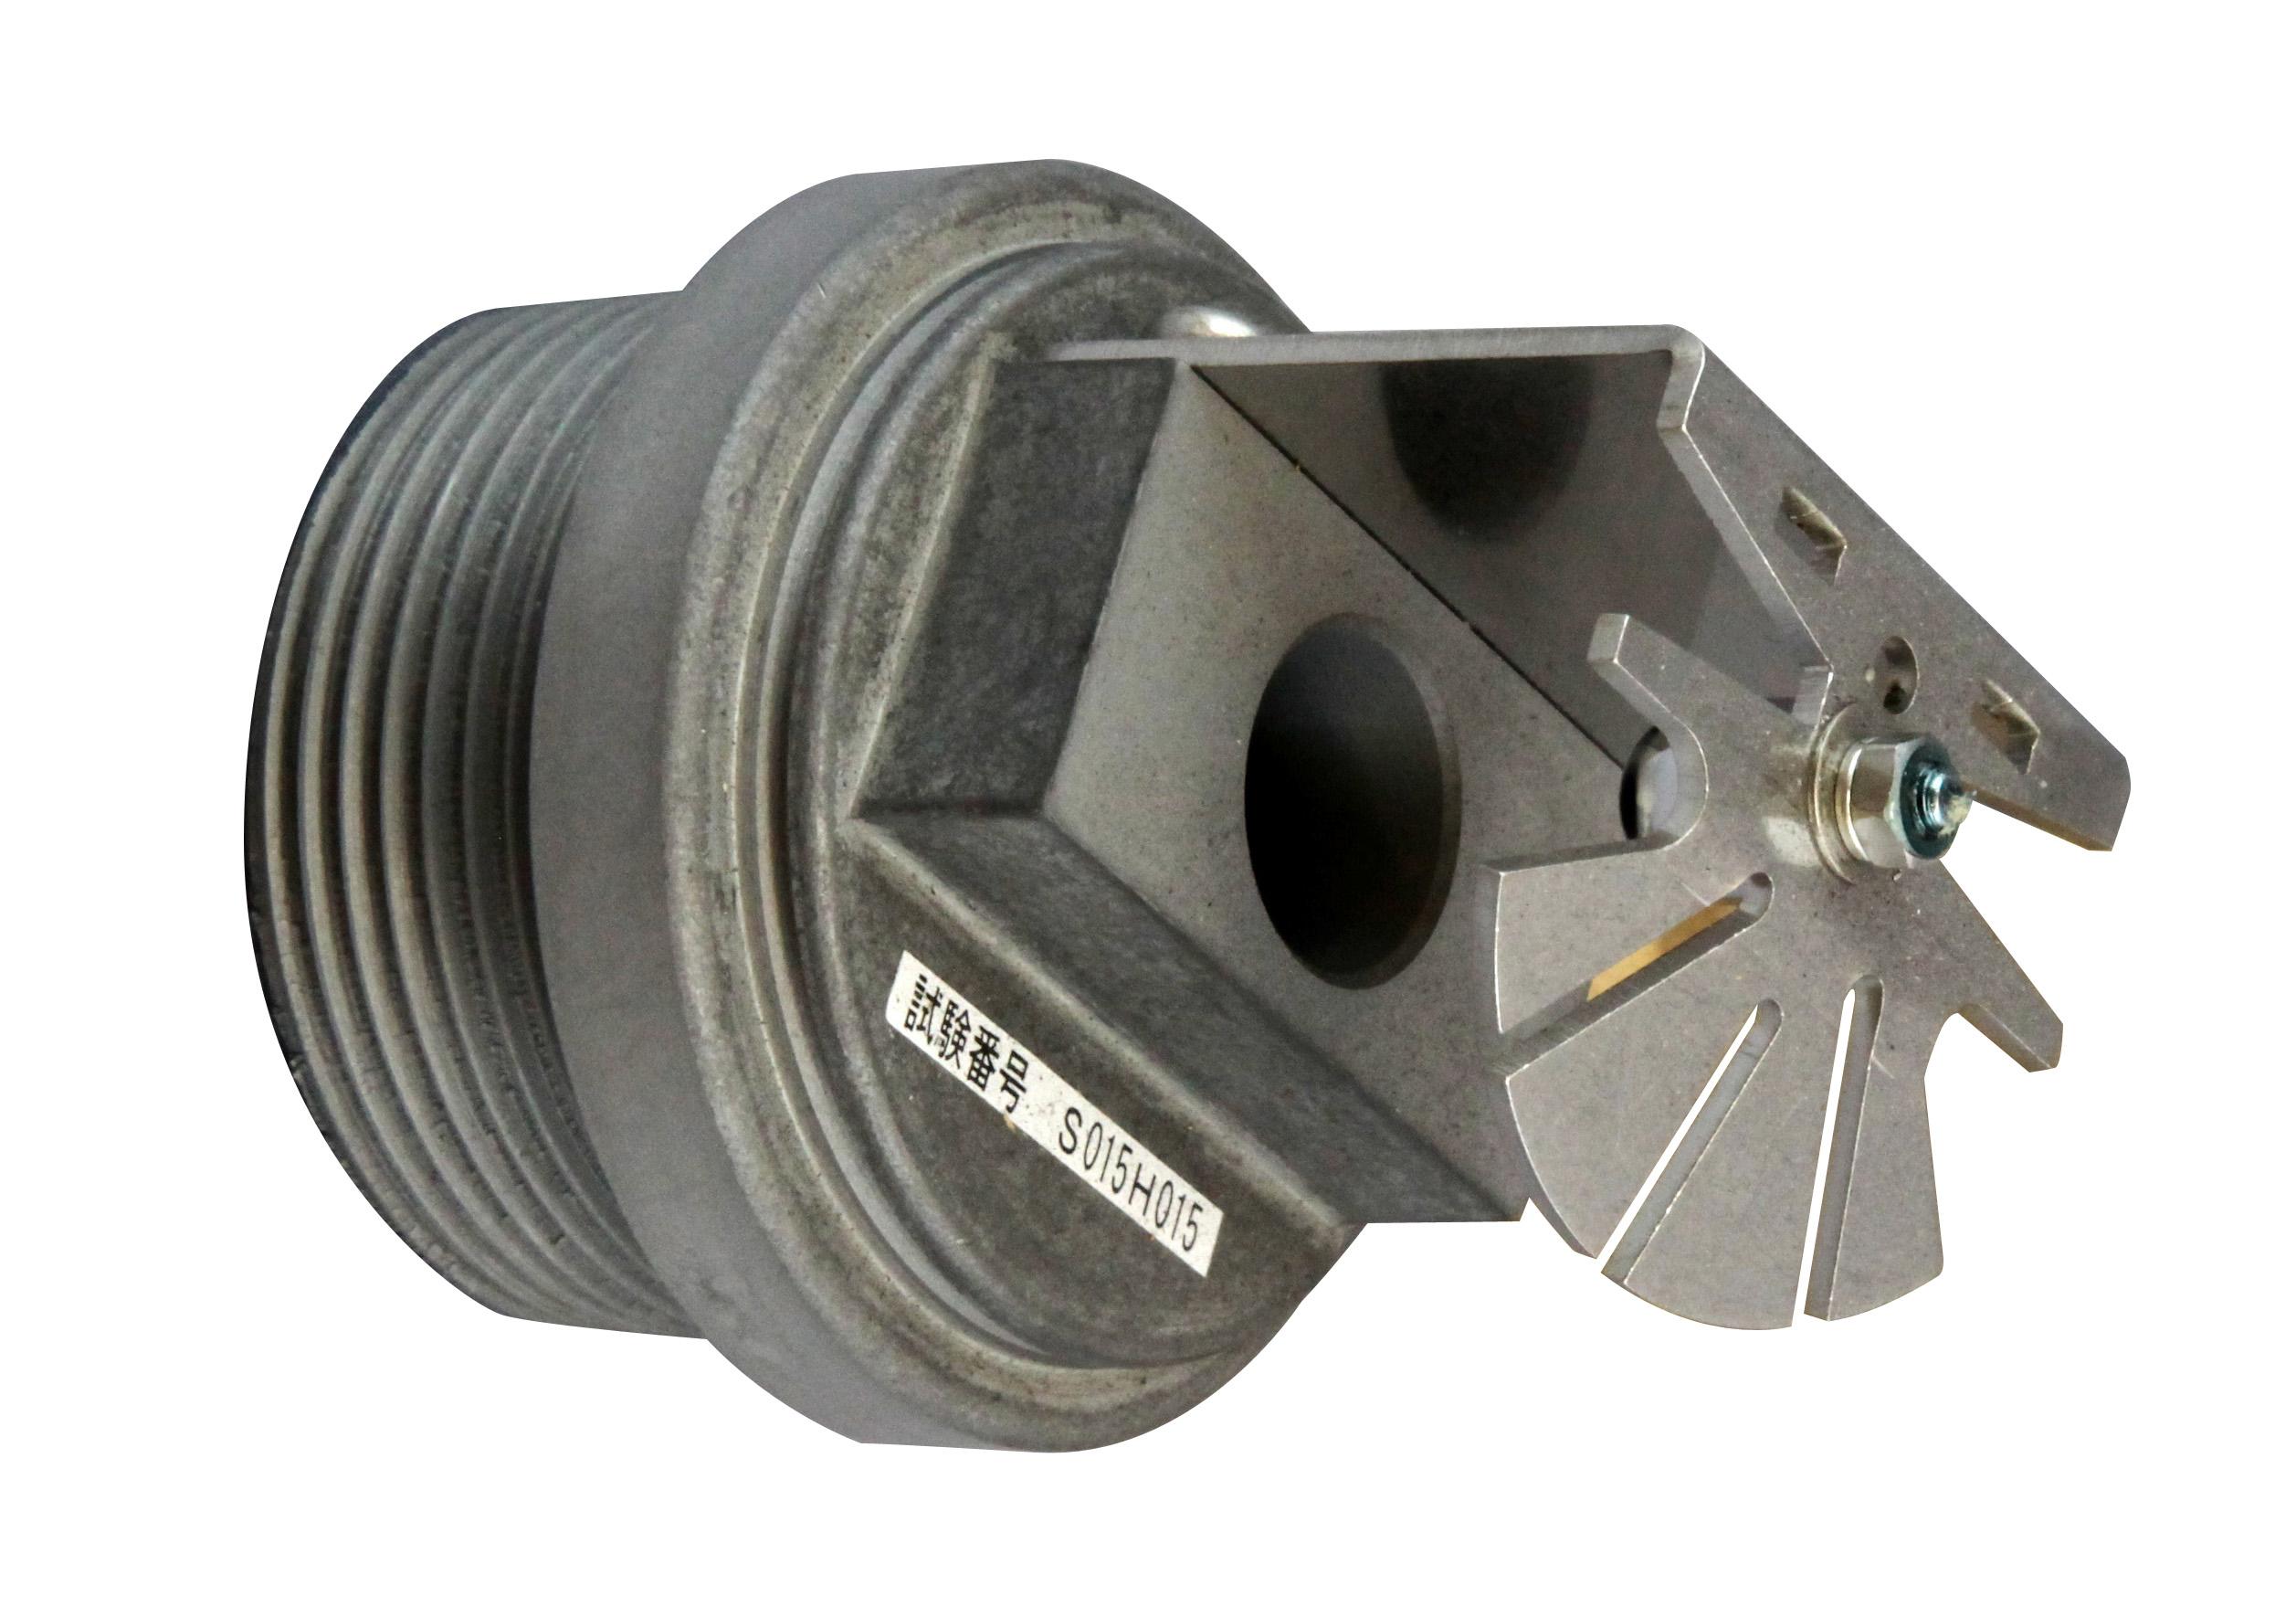 放水型スプリンクラーヘッド SHS172002